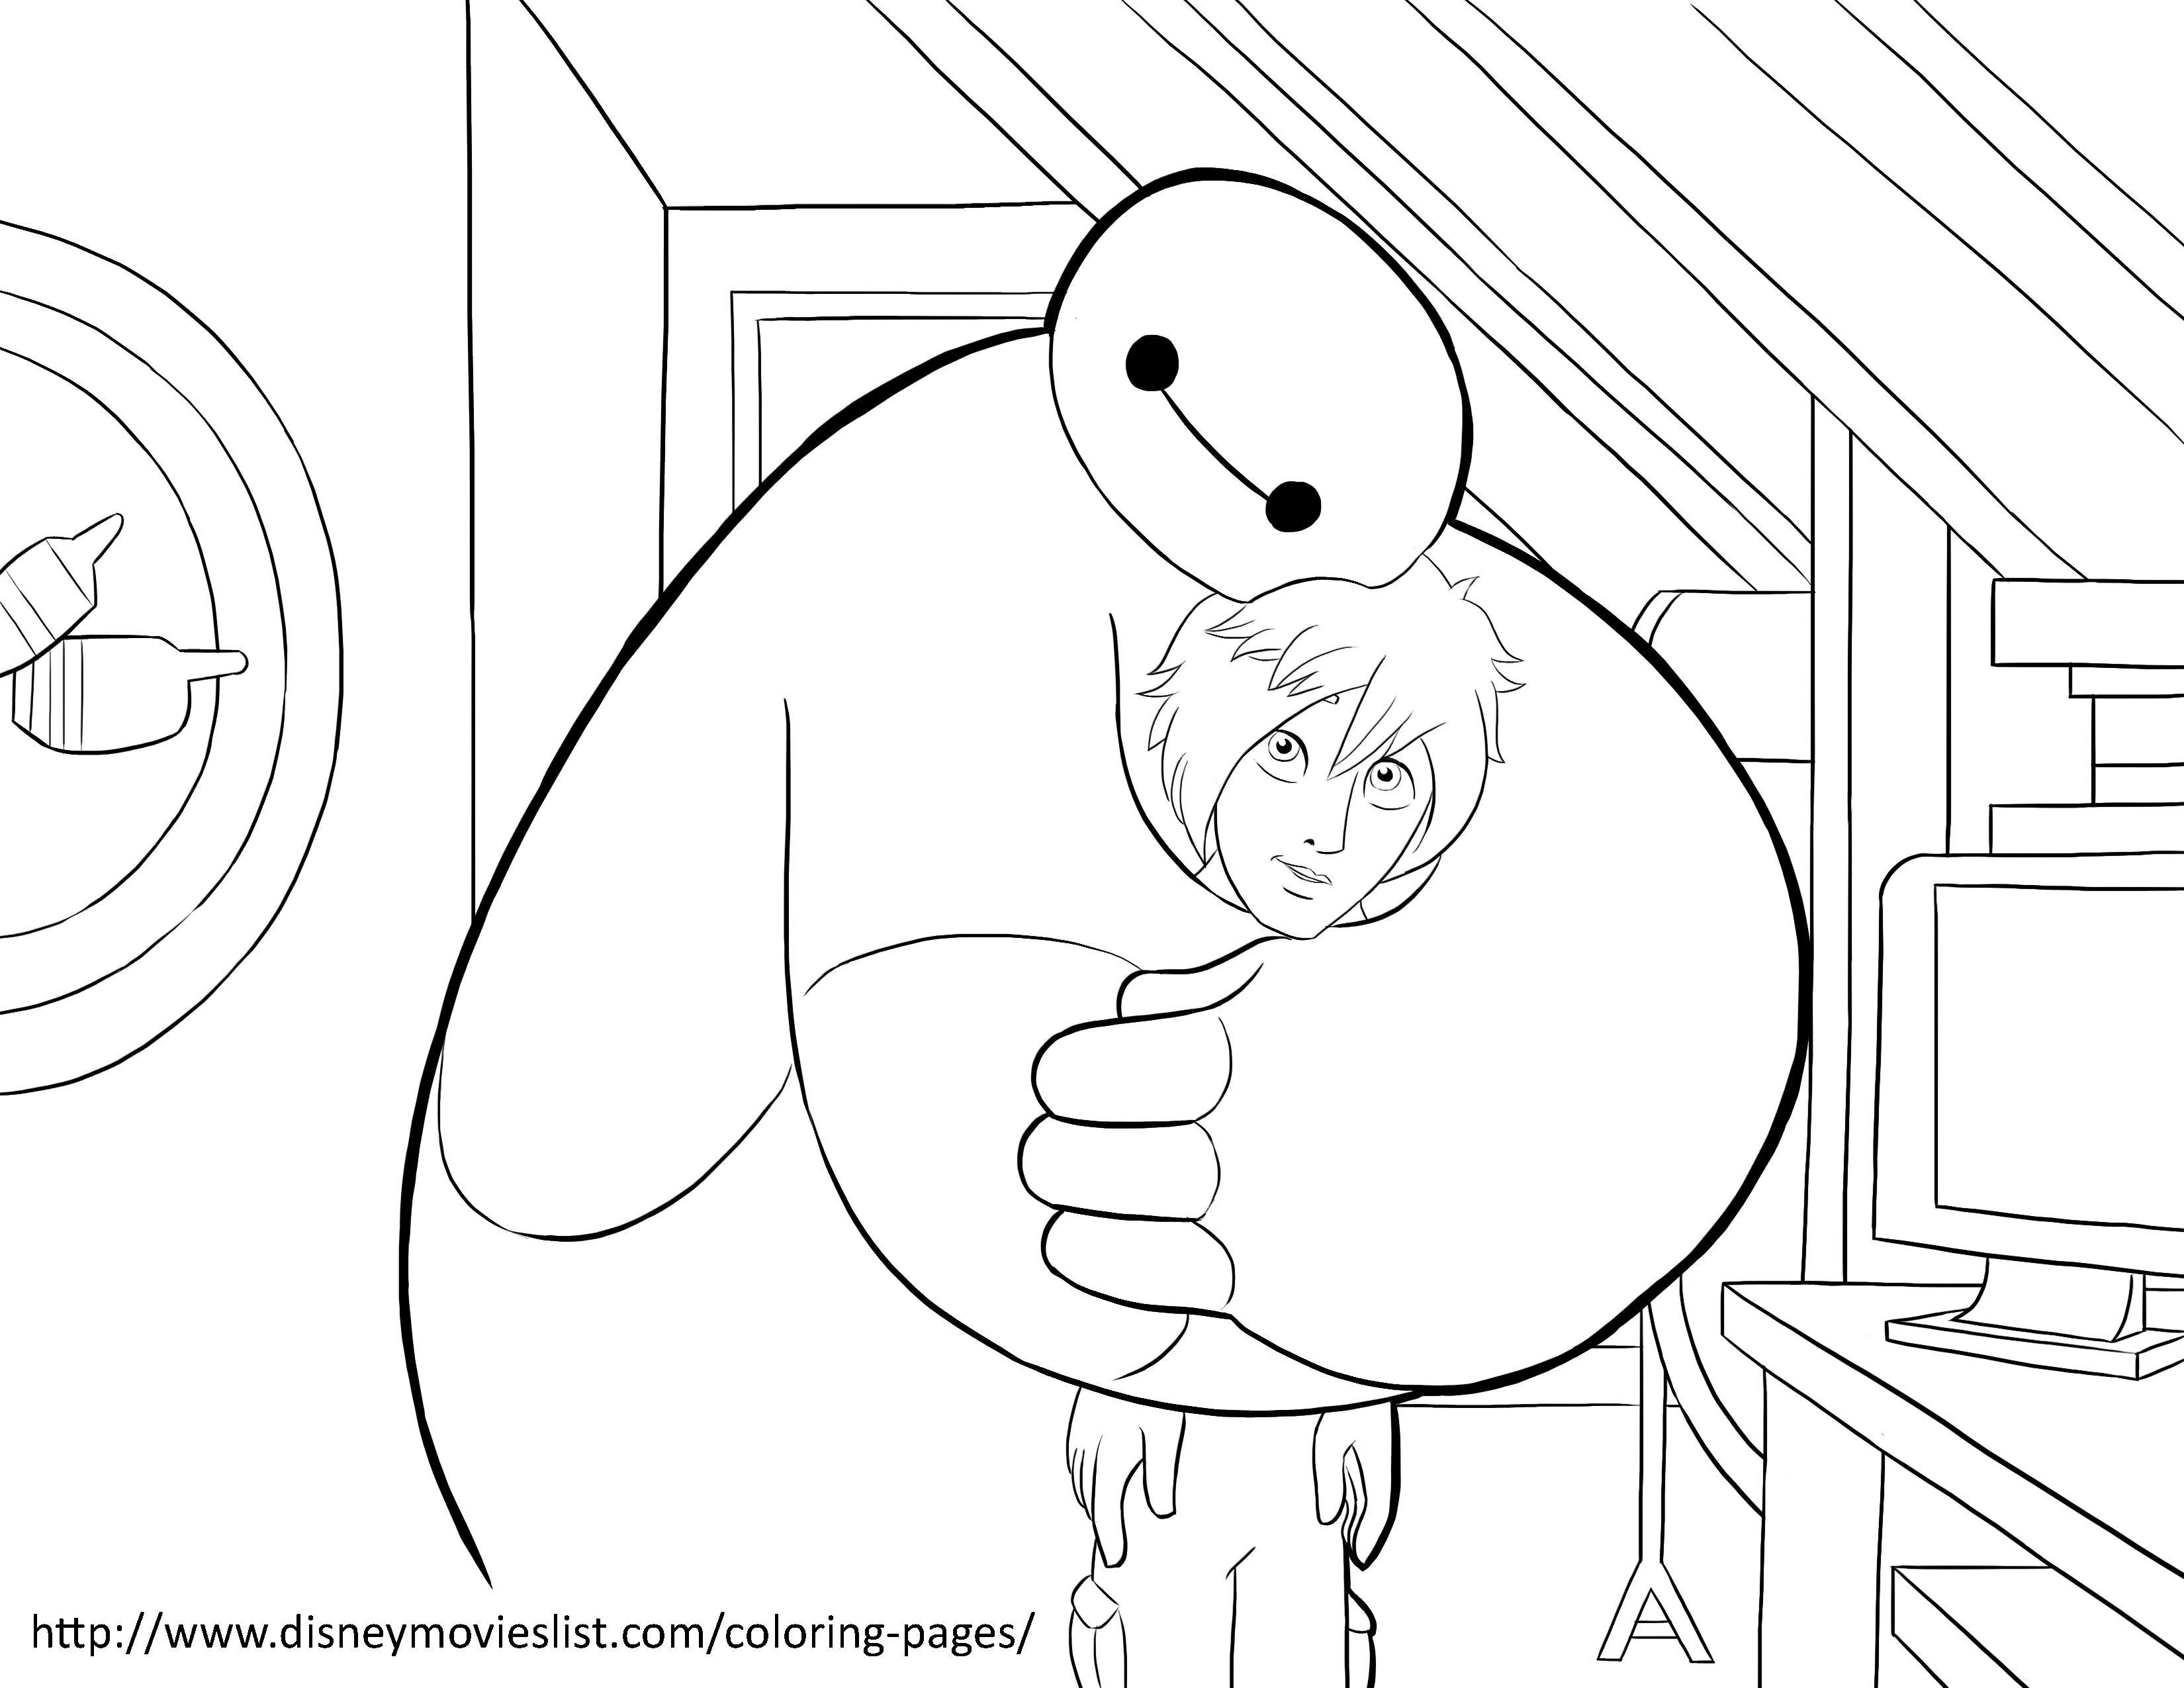 Disney's Big Hero 6 Coloring Pages Sheet, Free Disney